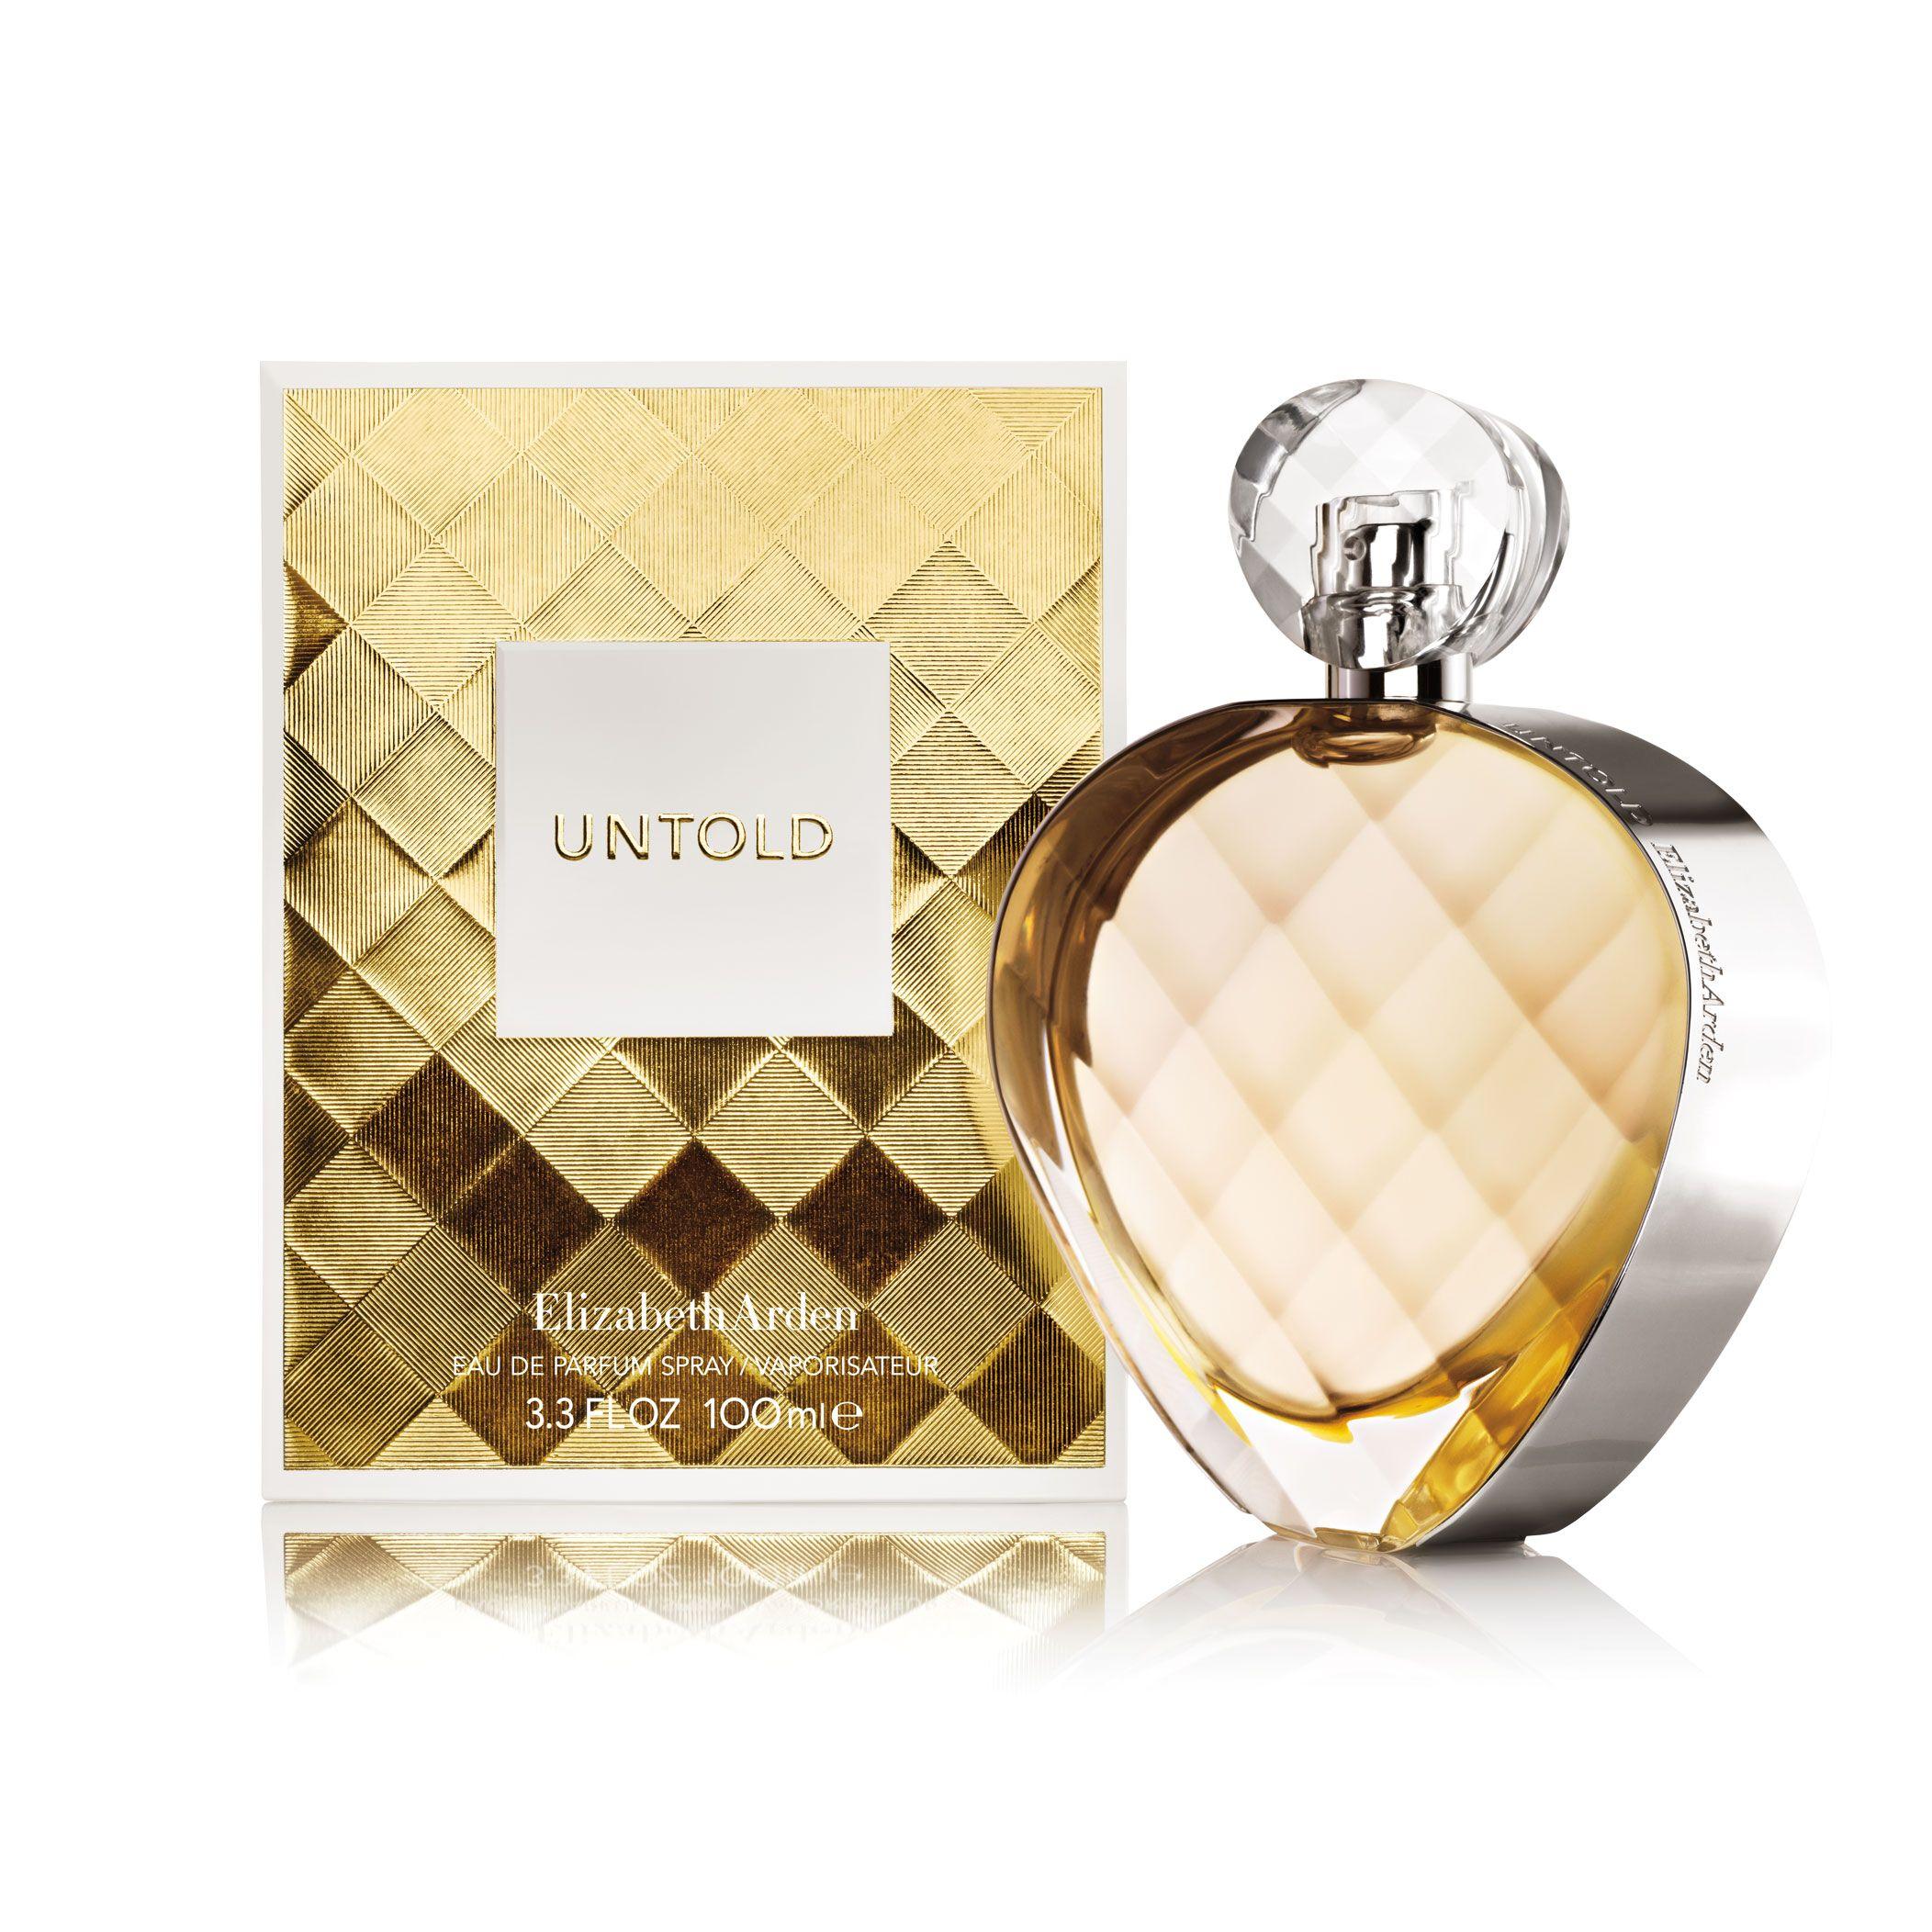 Elizabeth Arden UNTOLD Perfume Spray Elizabeth Arden Fragrance